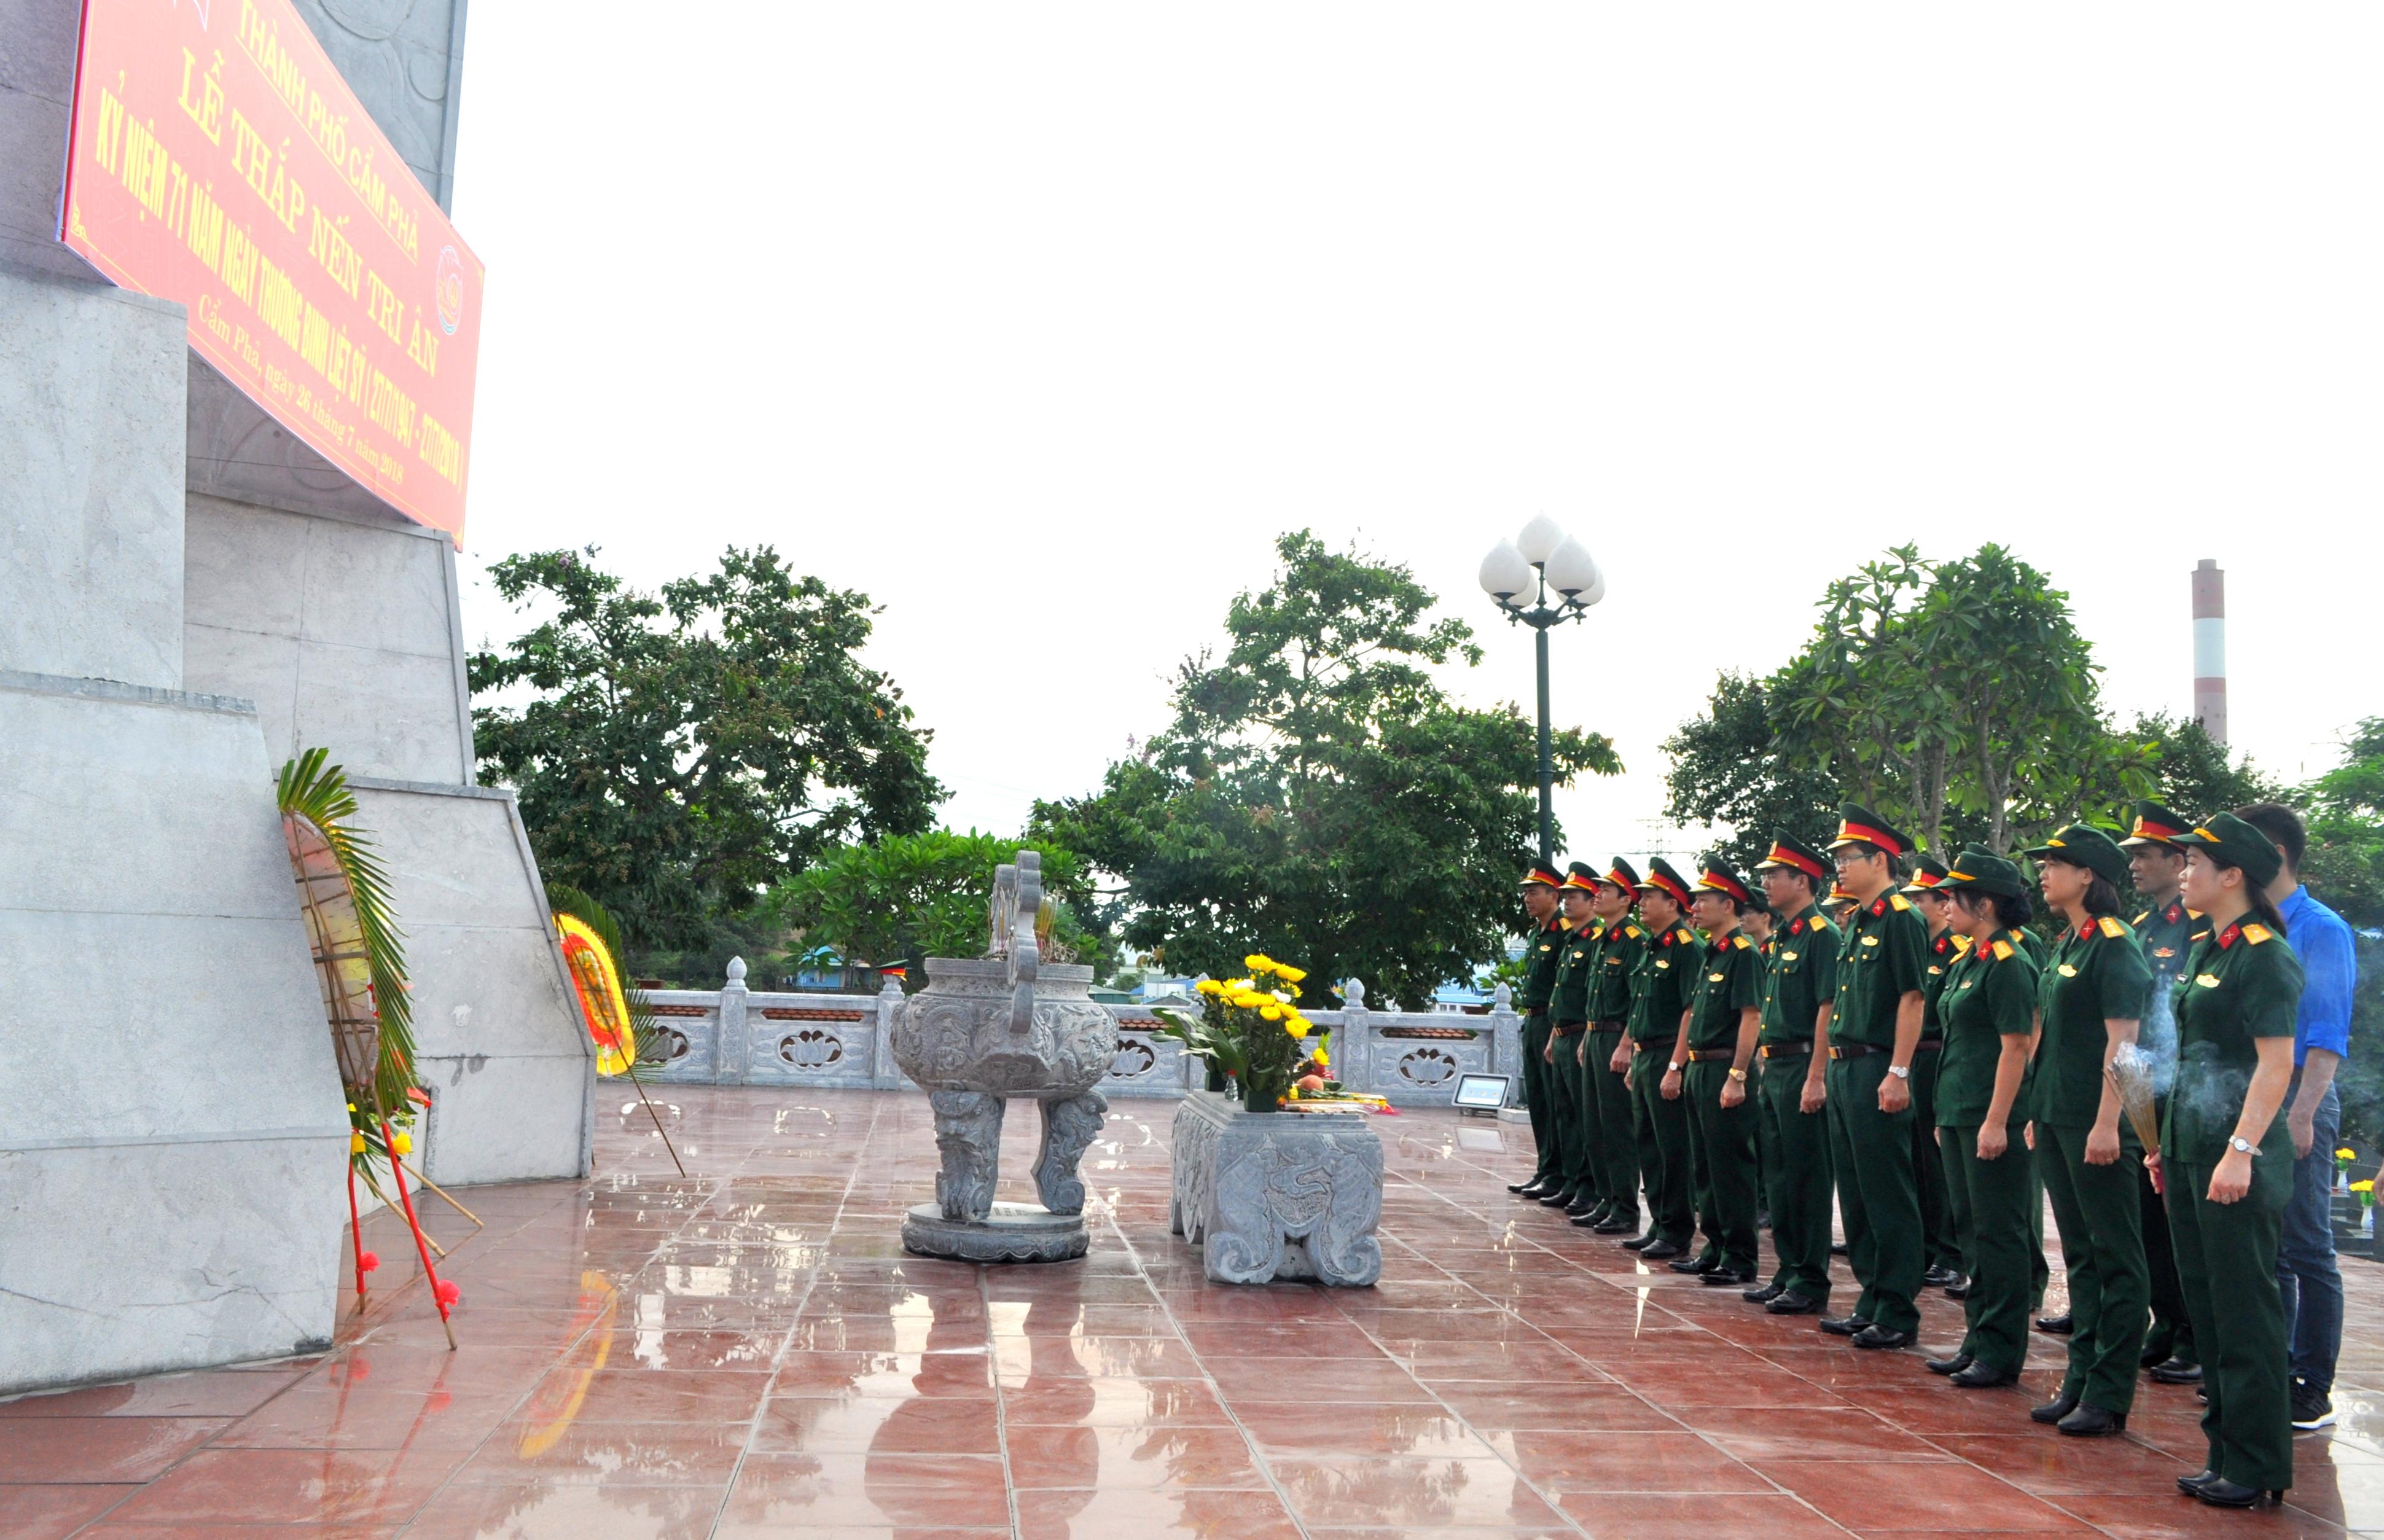 Công ty cổ phần Vận tải và Chế biến than Đông Bắc tổ chức nhiều hoạt động Kỷ niệm 71 năm Ngày Thương binh - Liệt sĩ (27/7/1947 - 27/7/2018)